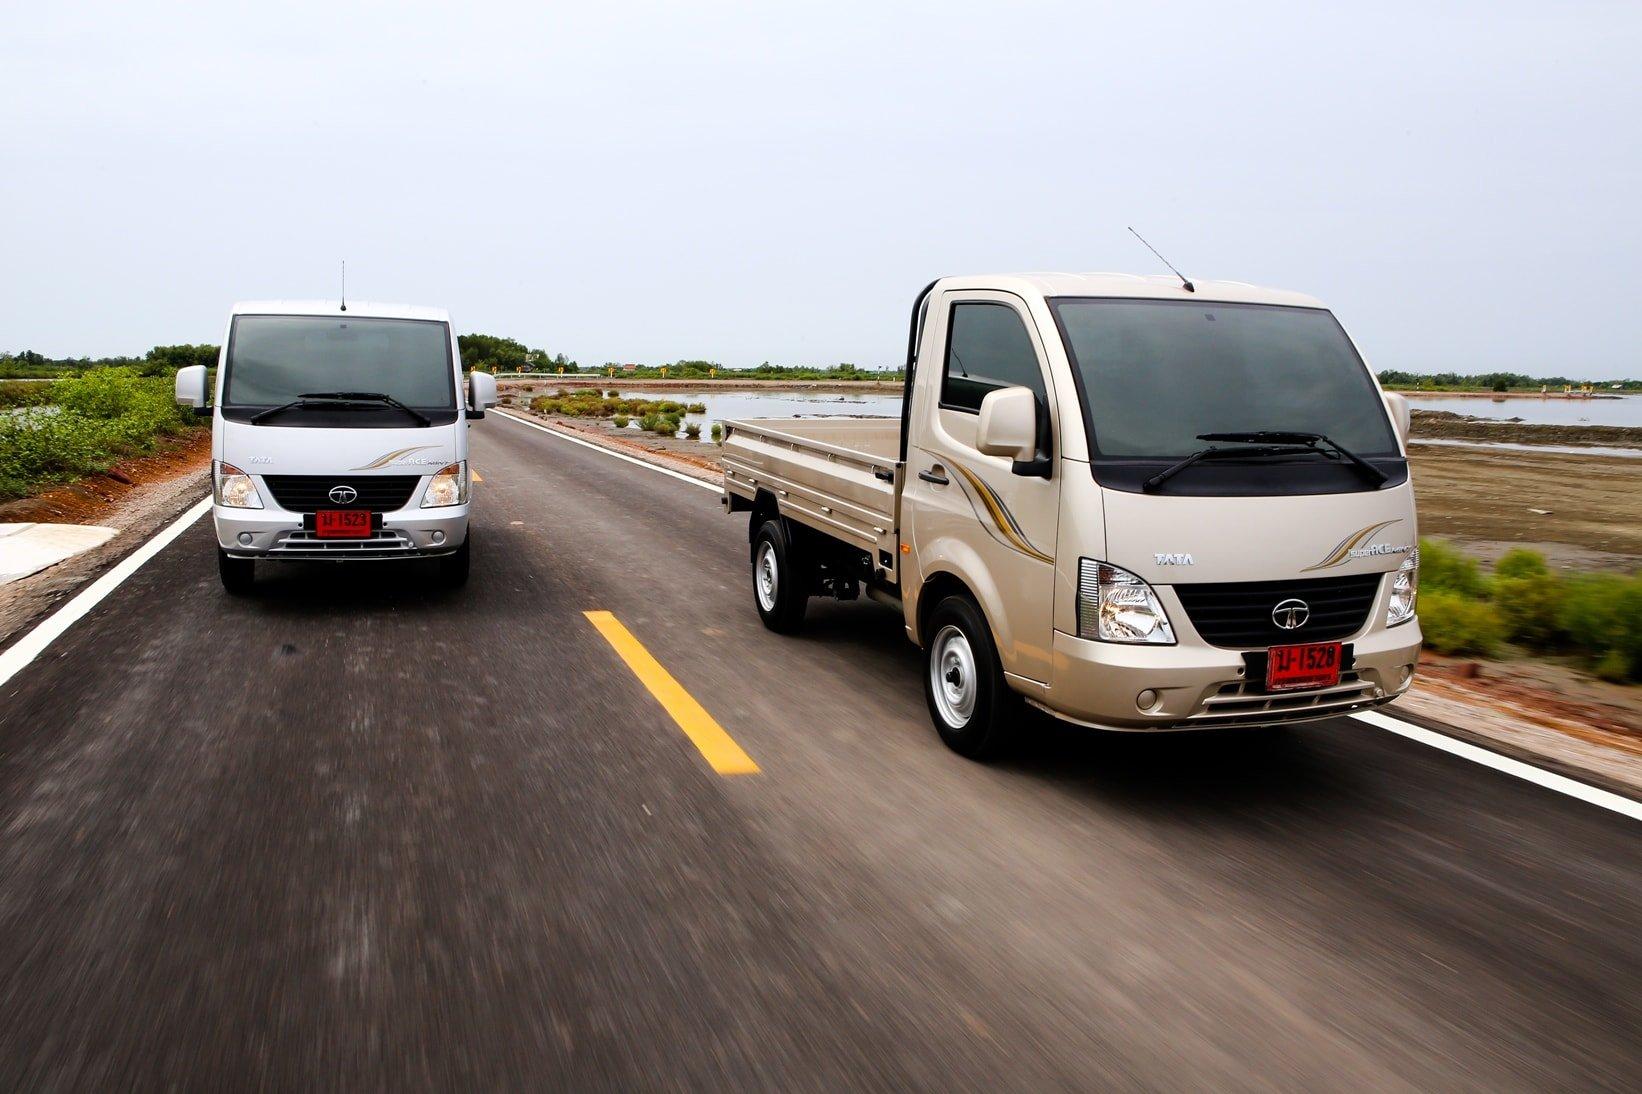 """TATA จัดทดสอบรถบรรทุกเล็ก """"ทาทา ซูเปอร์เอซ มินท์"""" เครื่องดีเซลเจ้าเดียวในตลาด"""